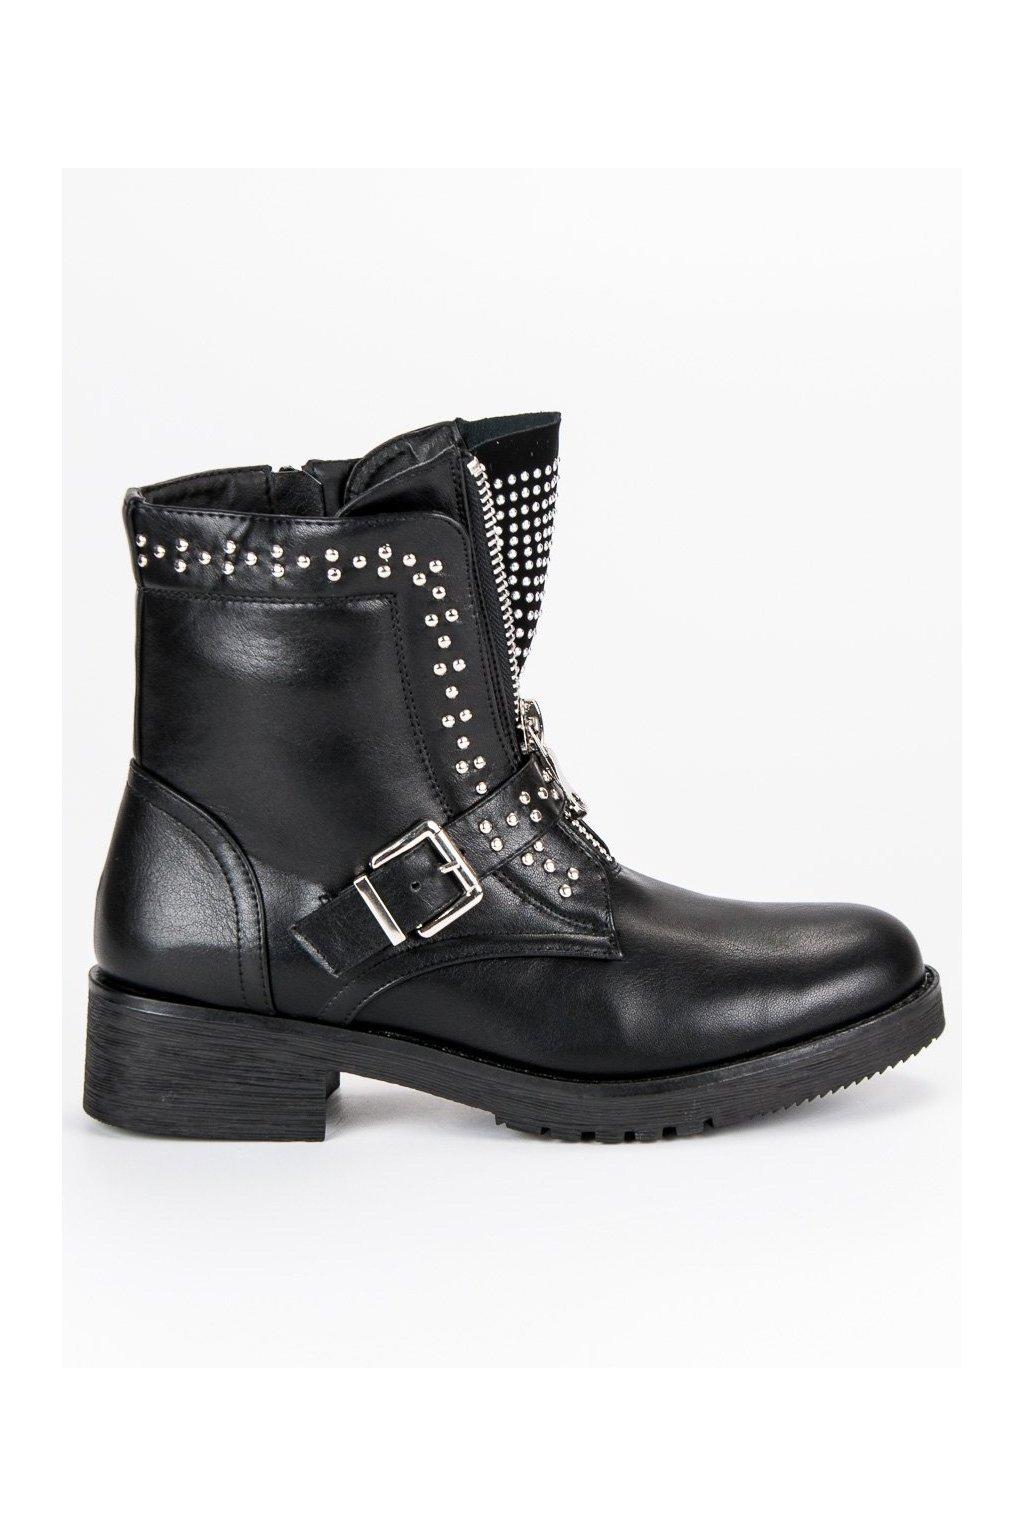 0951d98350845 Čierne dámske workery topánky na jeseň | NAJ.SK